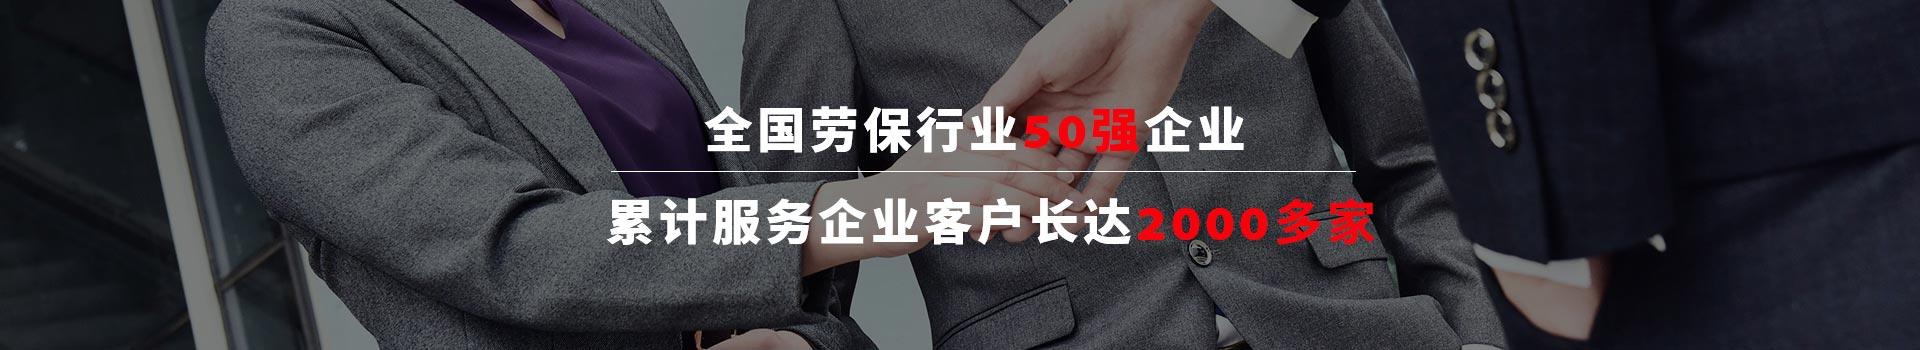 首沪鞋业全国劳保行业50强